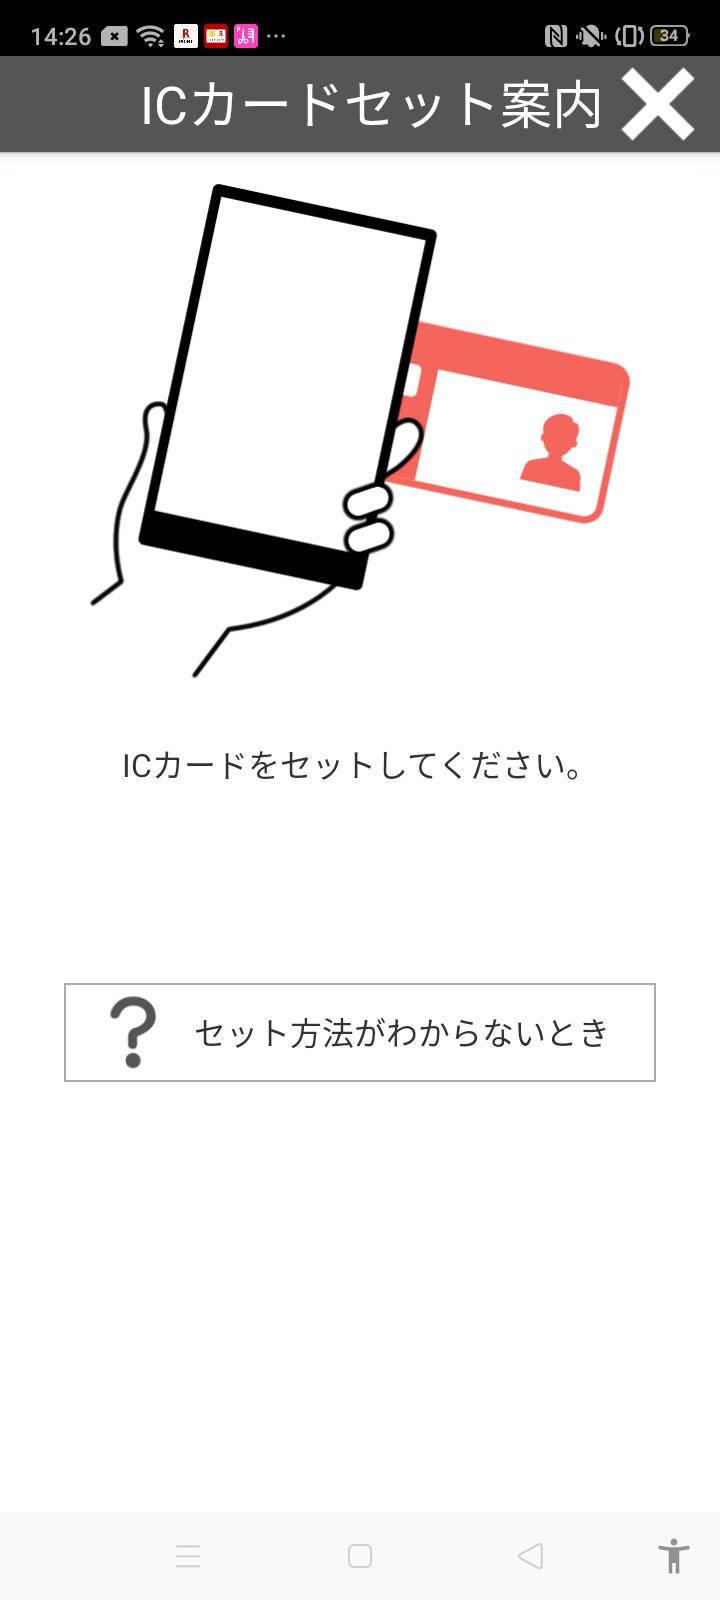 ICカードセット